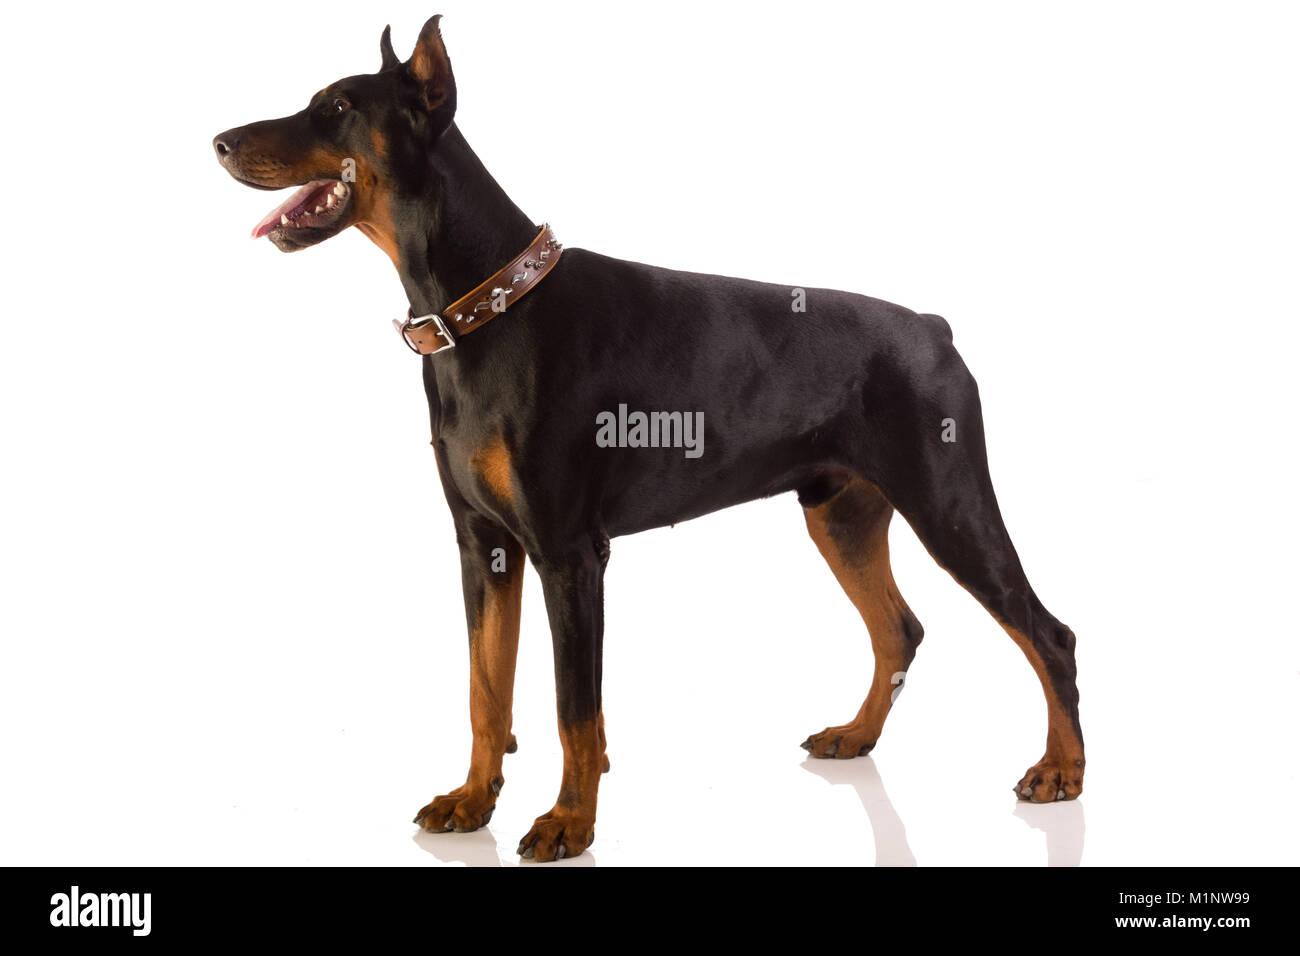 Great doberman dog on white background - Stock Image